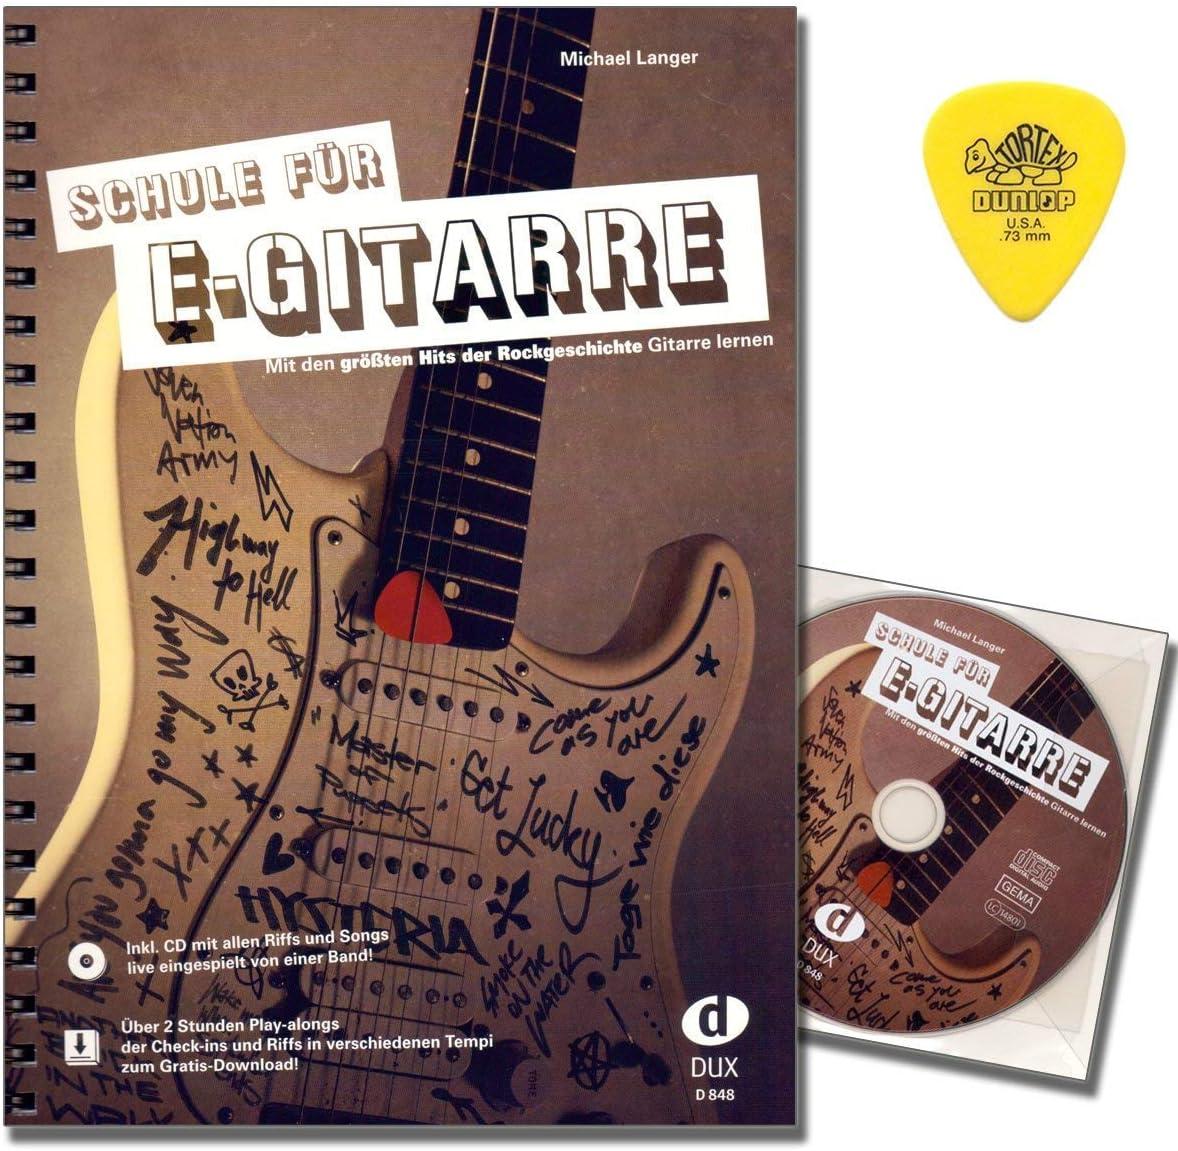 Guitarra eléctrica de Michael Langer con CD, descarga gratuita y ...